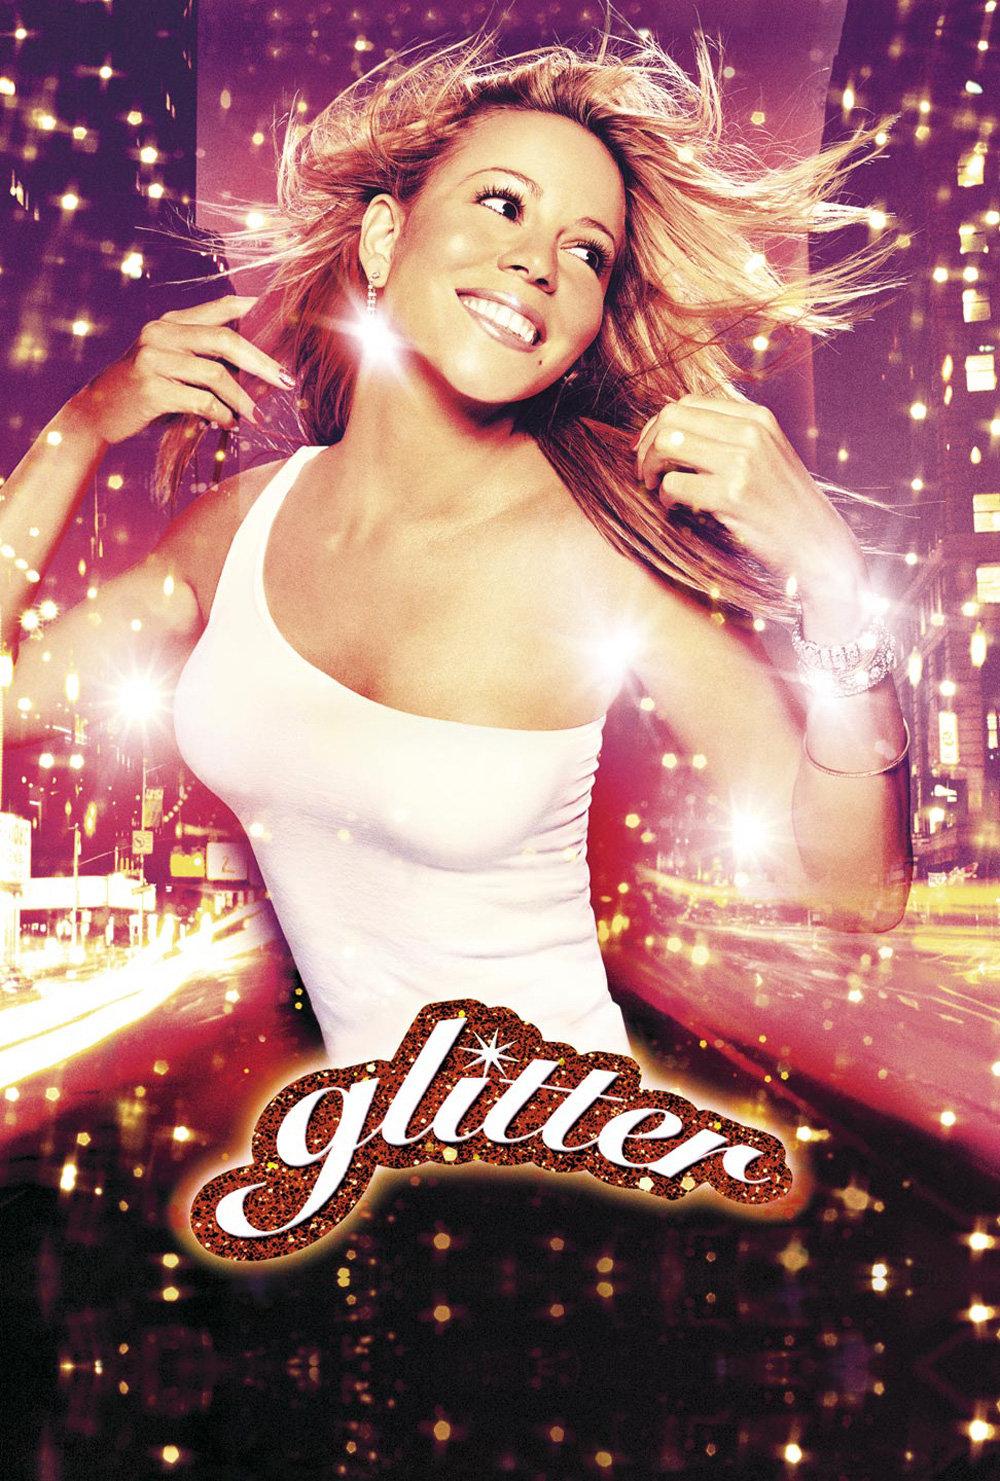 Glitter: El brillo de una estrella